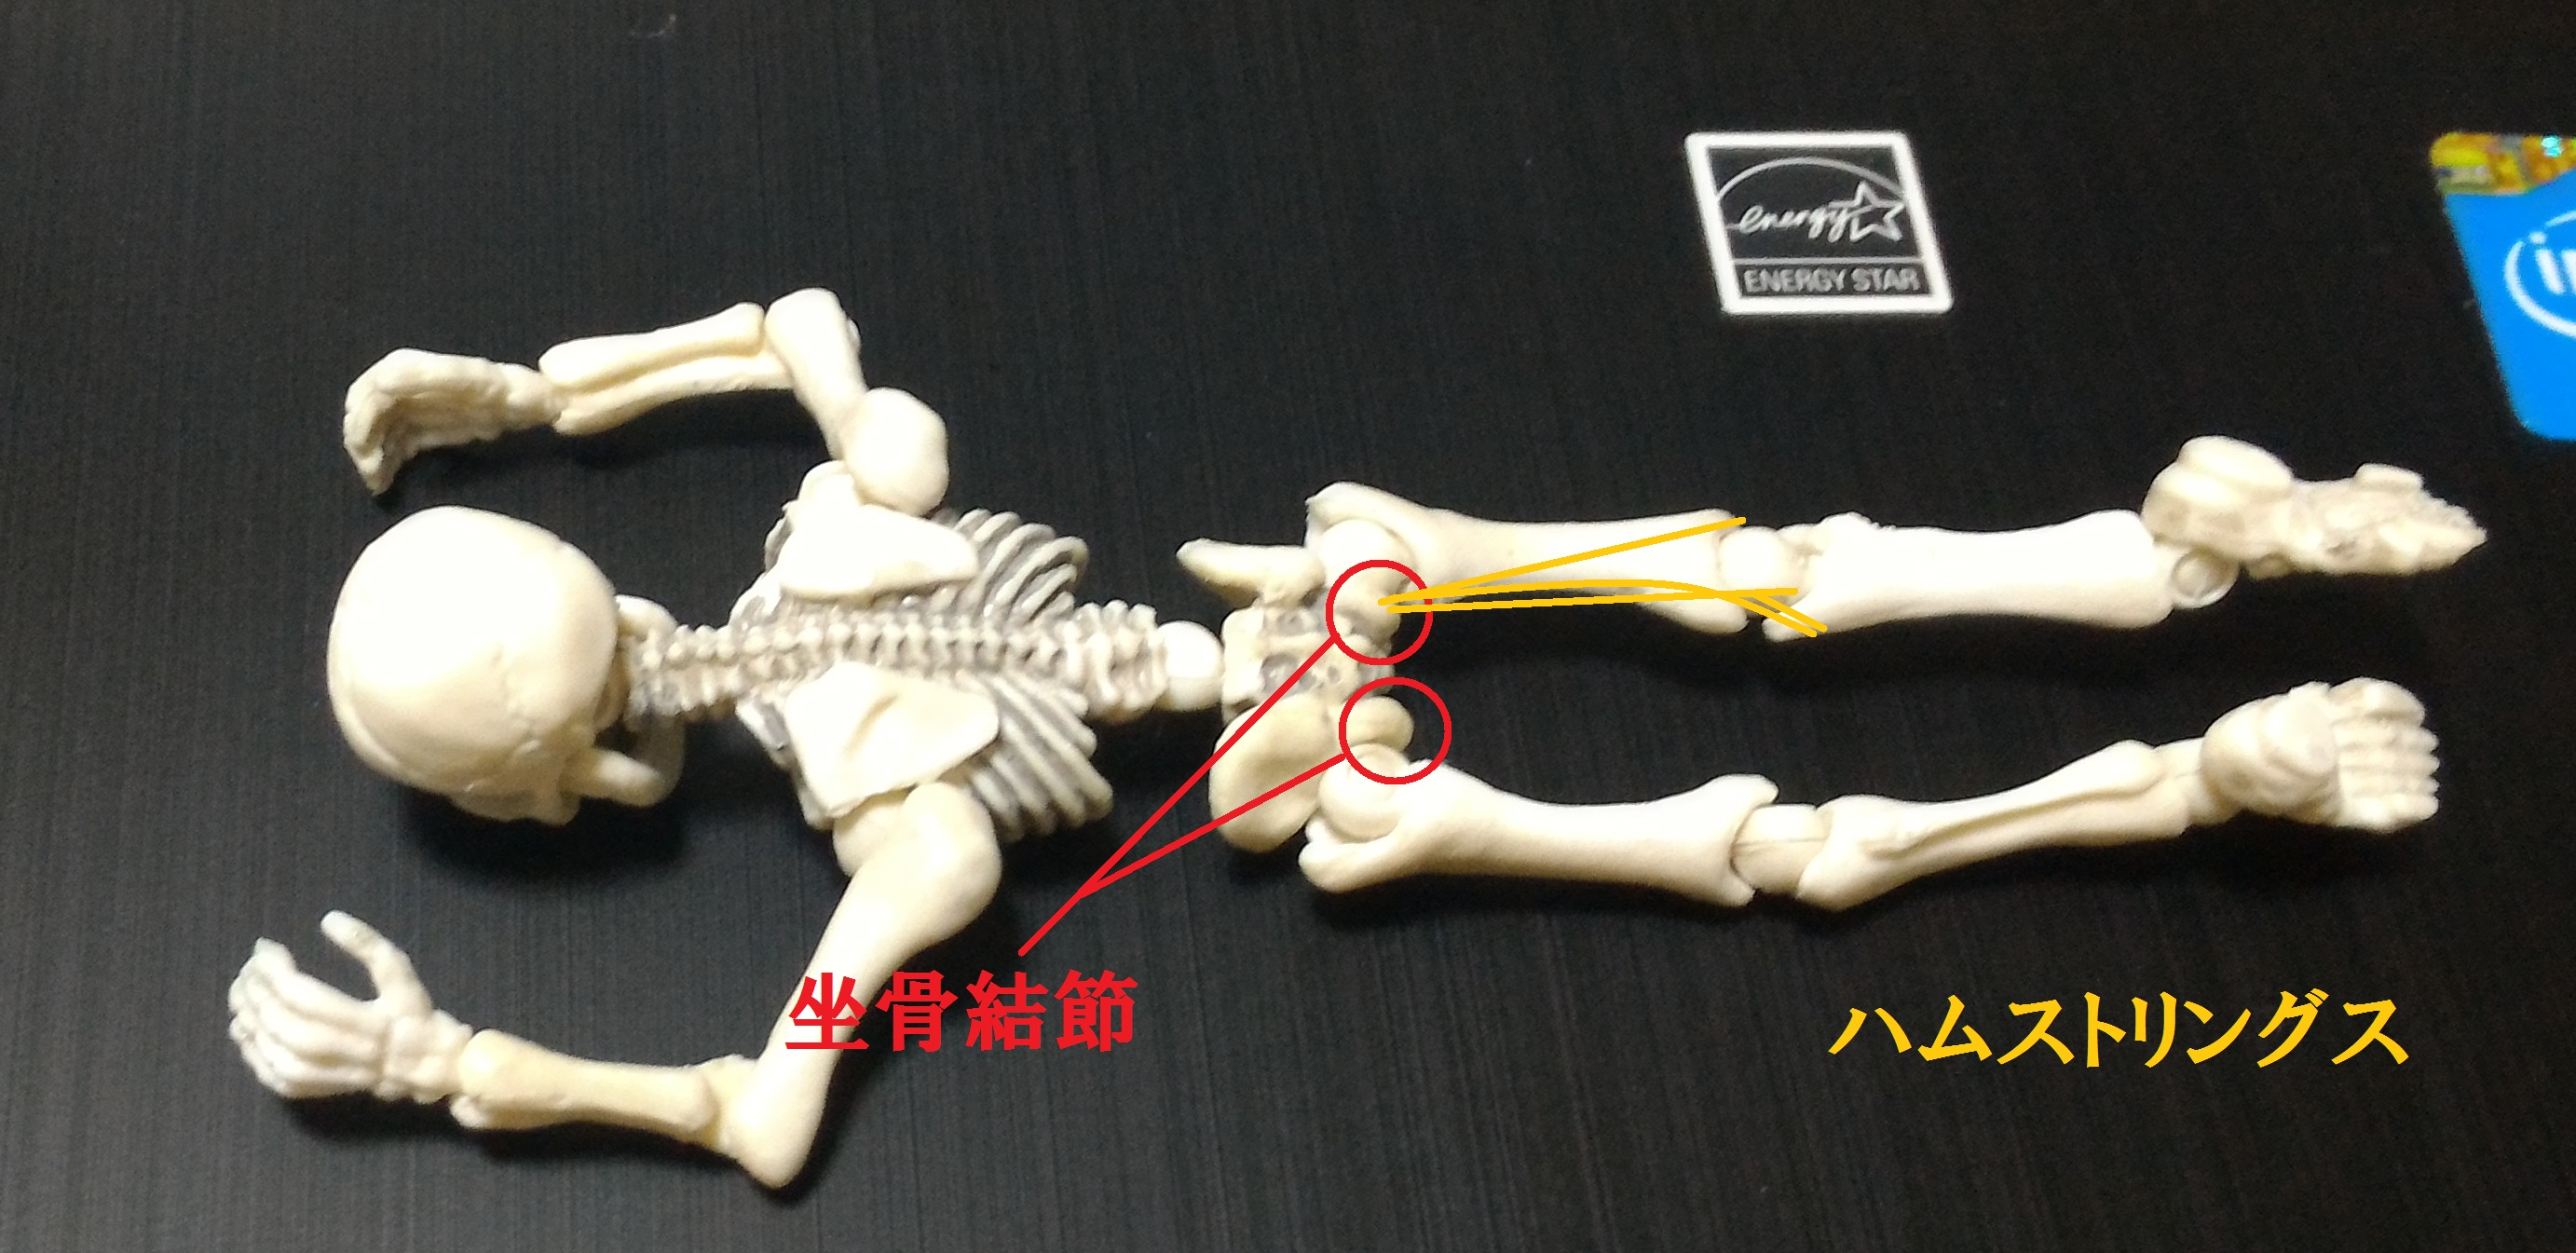 坐骨結節とは